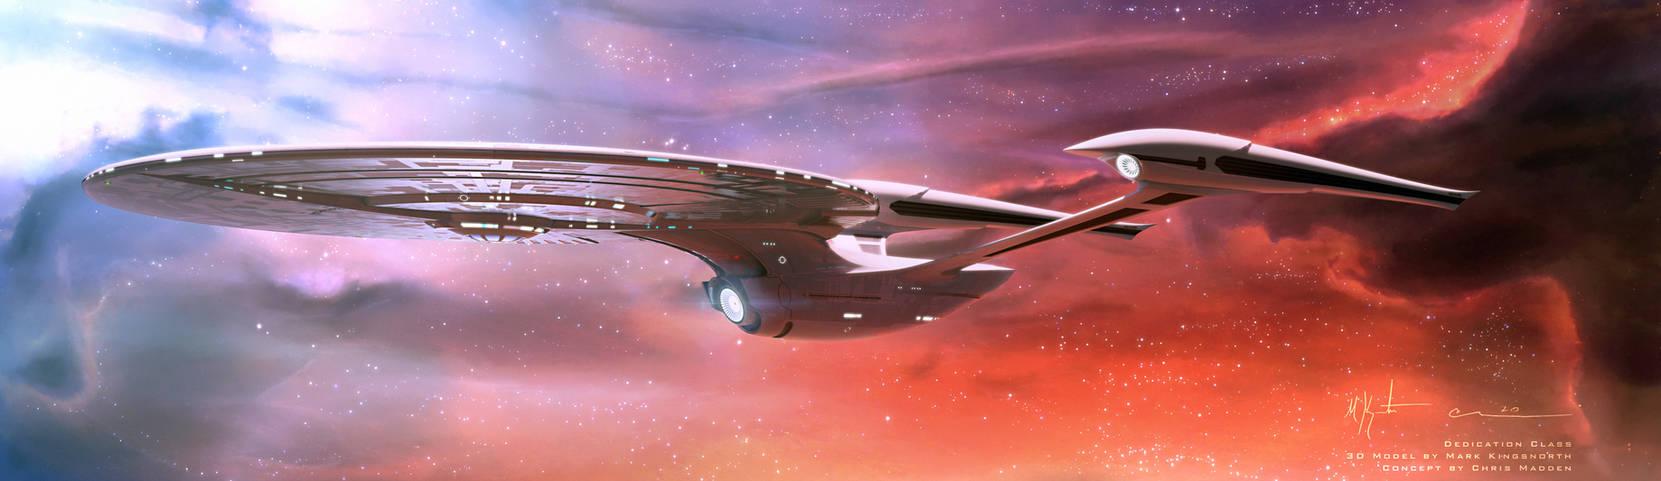 Enterprise-F concept: Dedication Class